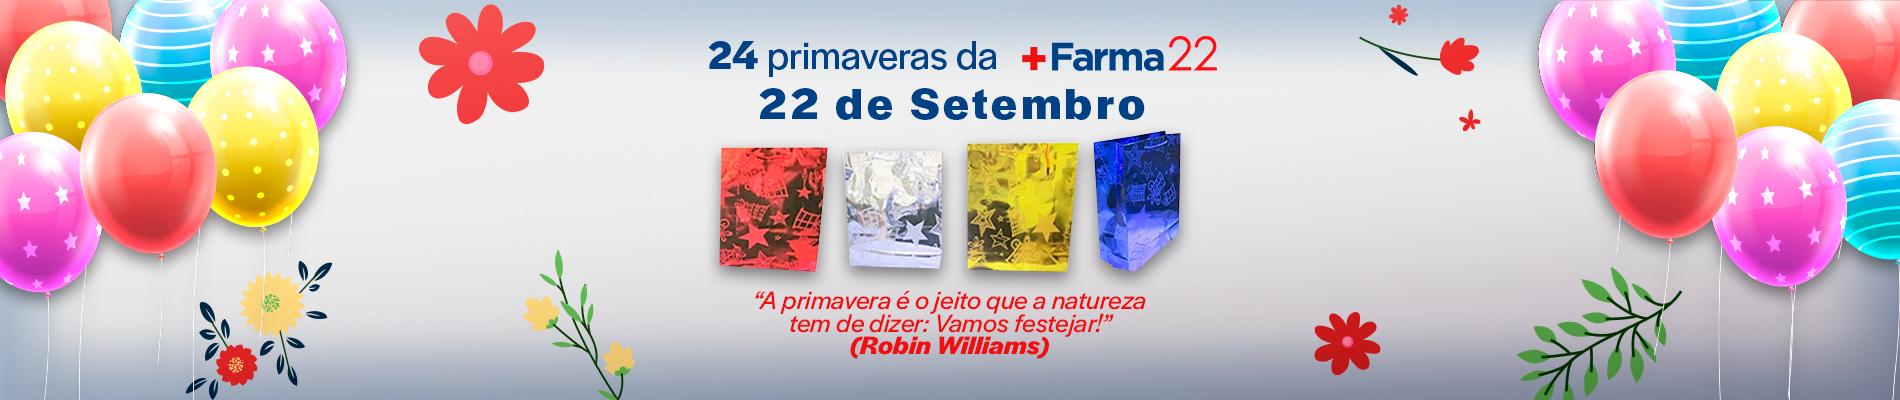 ANIVERSARIO FARMA 22